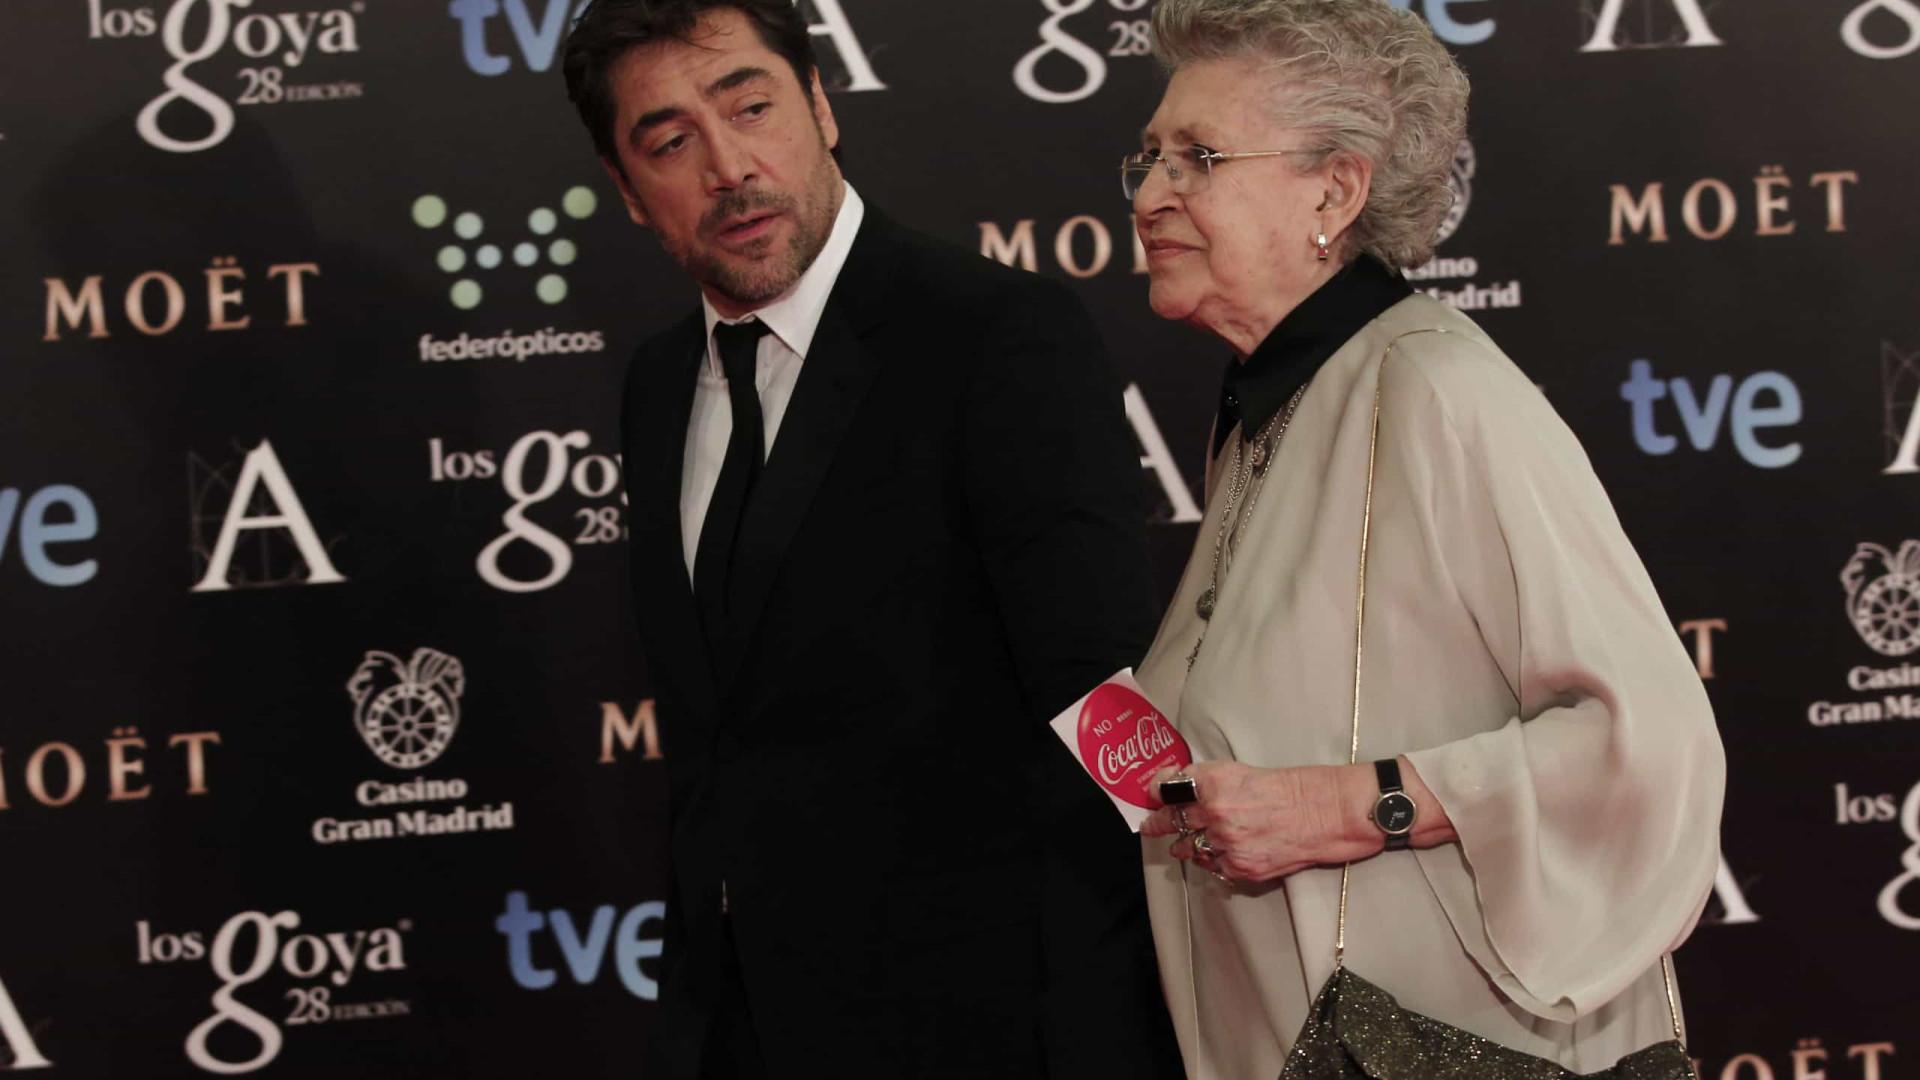 Morre Pilar Bardem, aos 82 anos, atriz e mãe de Javier Bardem